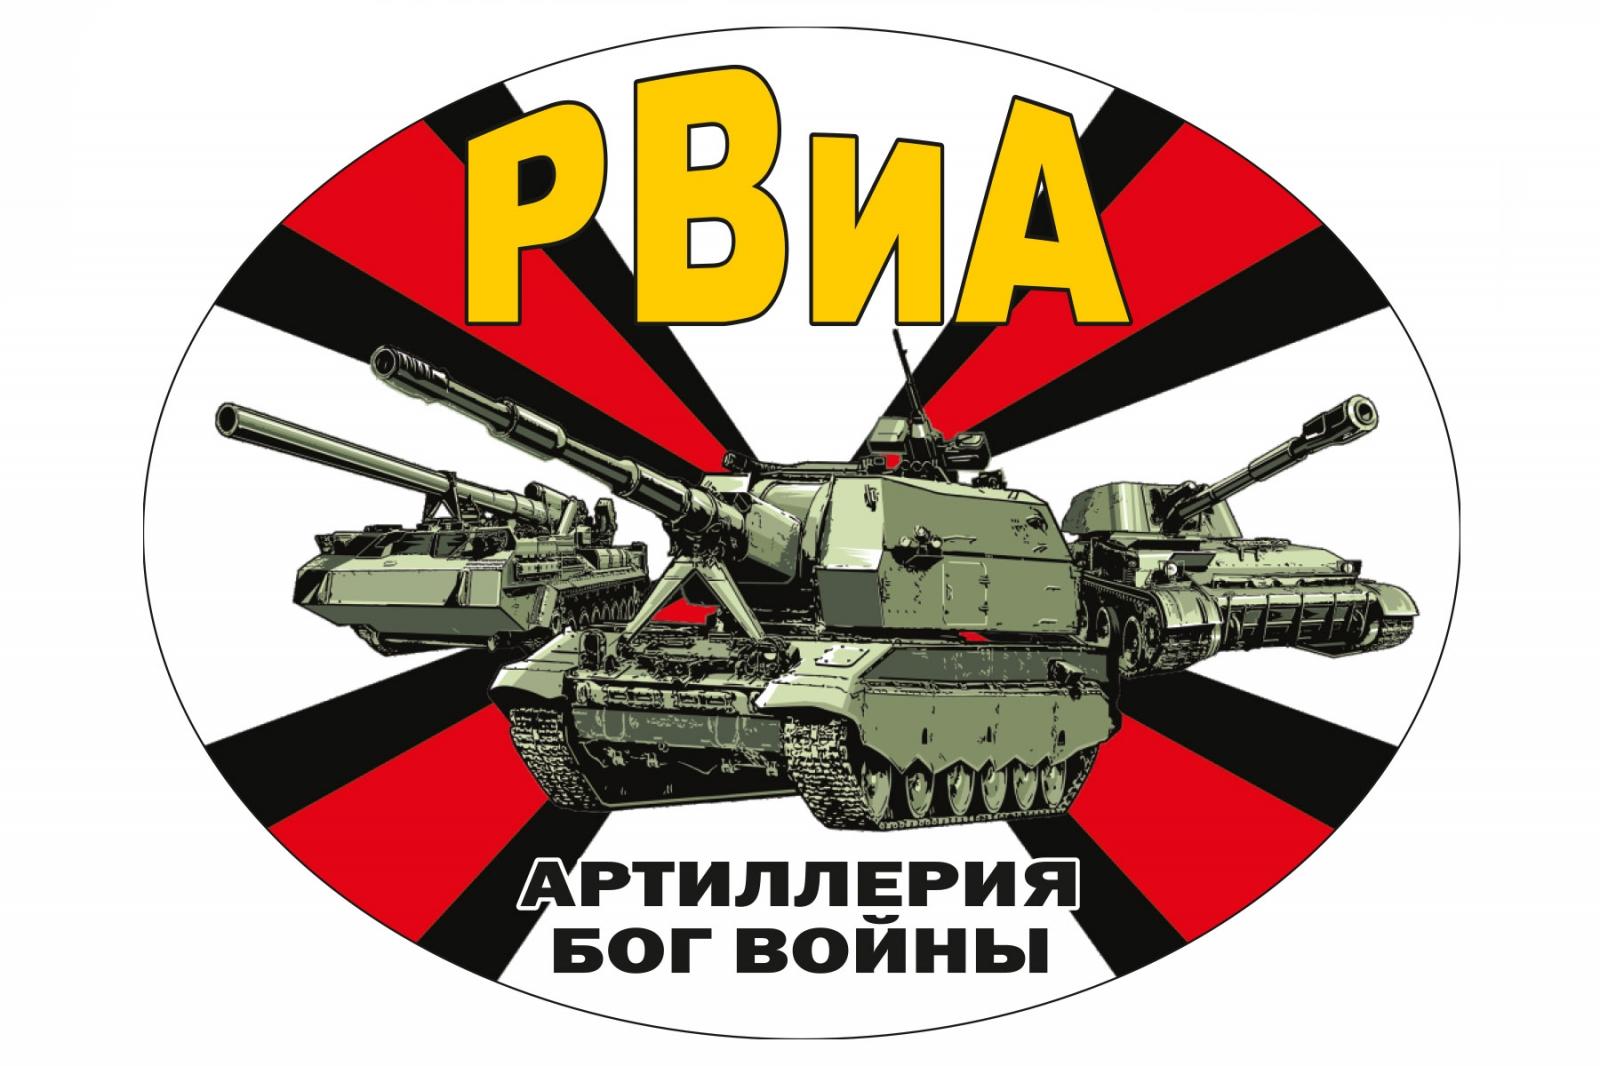 Наклейка РВиА на авто Артиллерия Бог войны